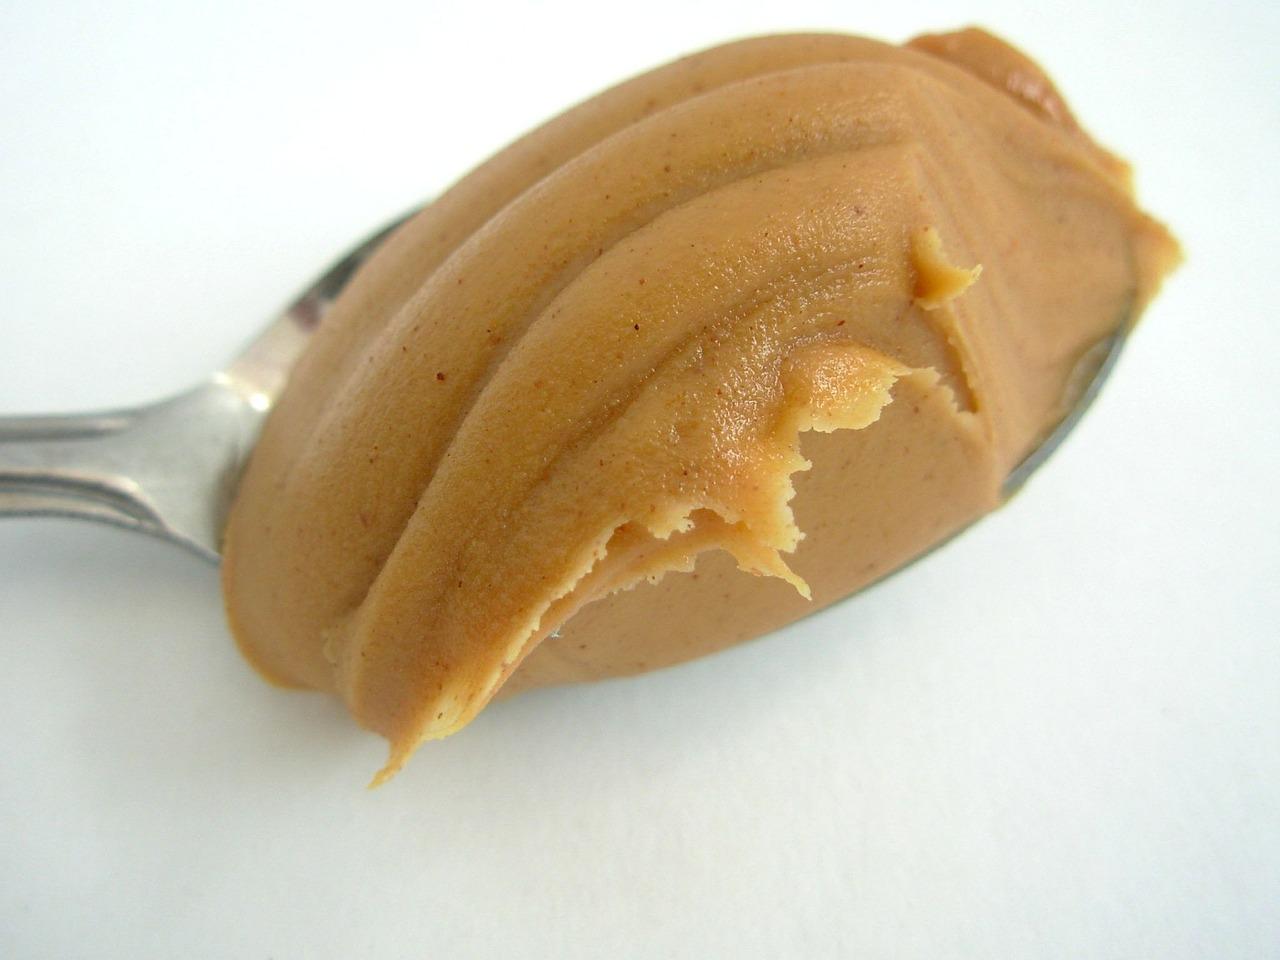 1 1/2 Tbsp Peanut Butter